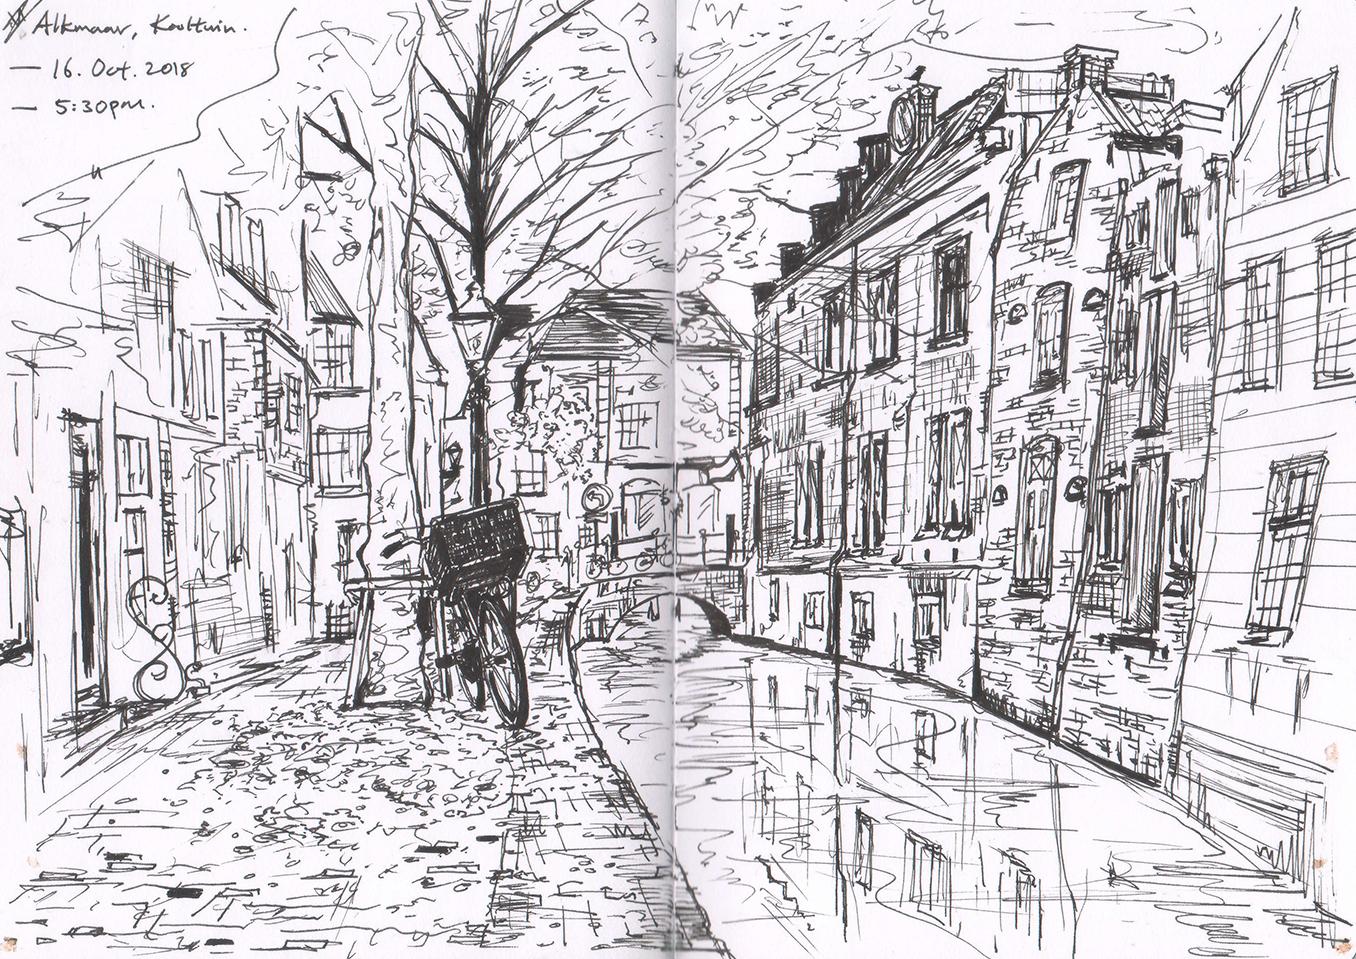 Sketching In Alkmaar